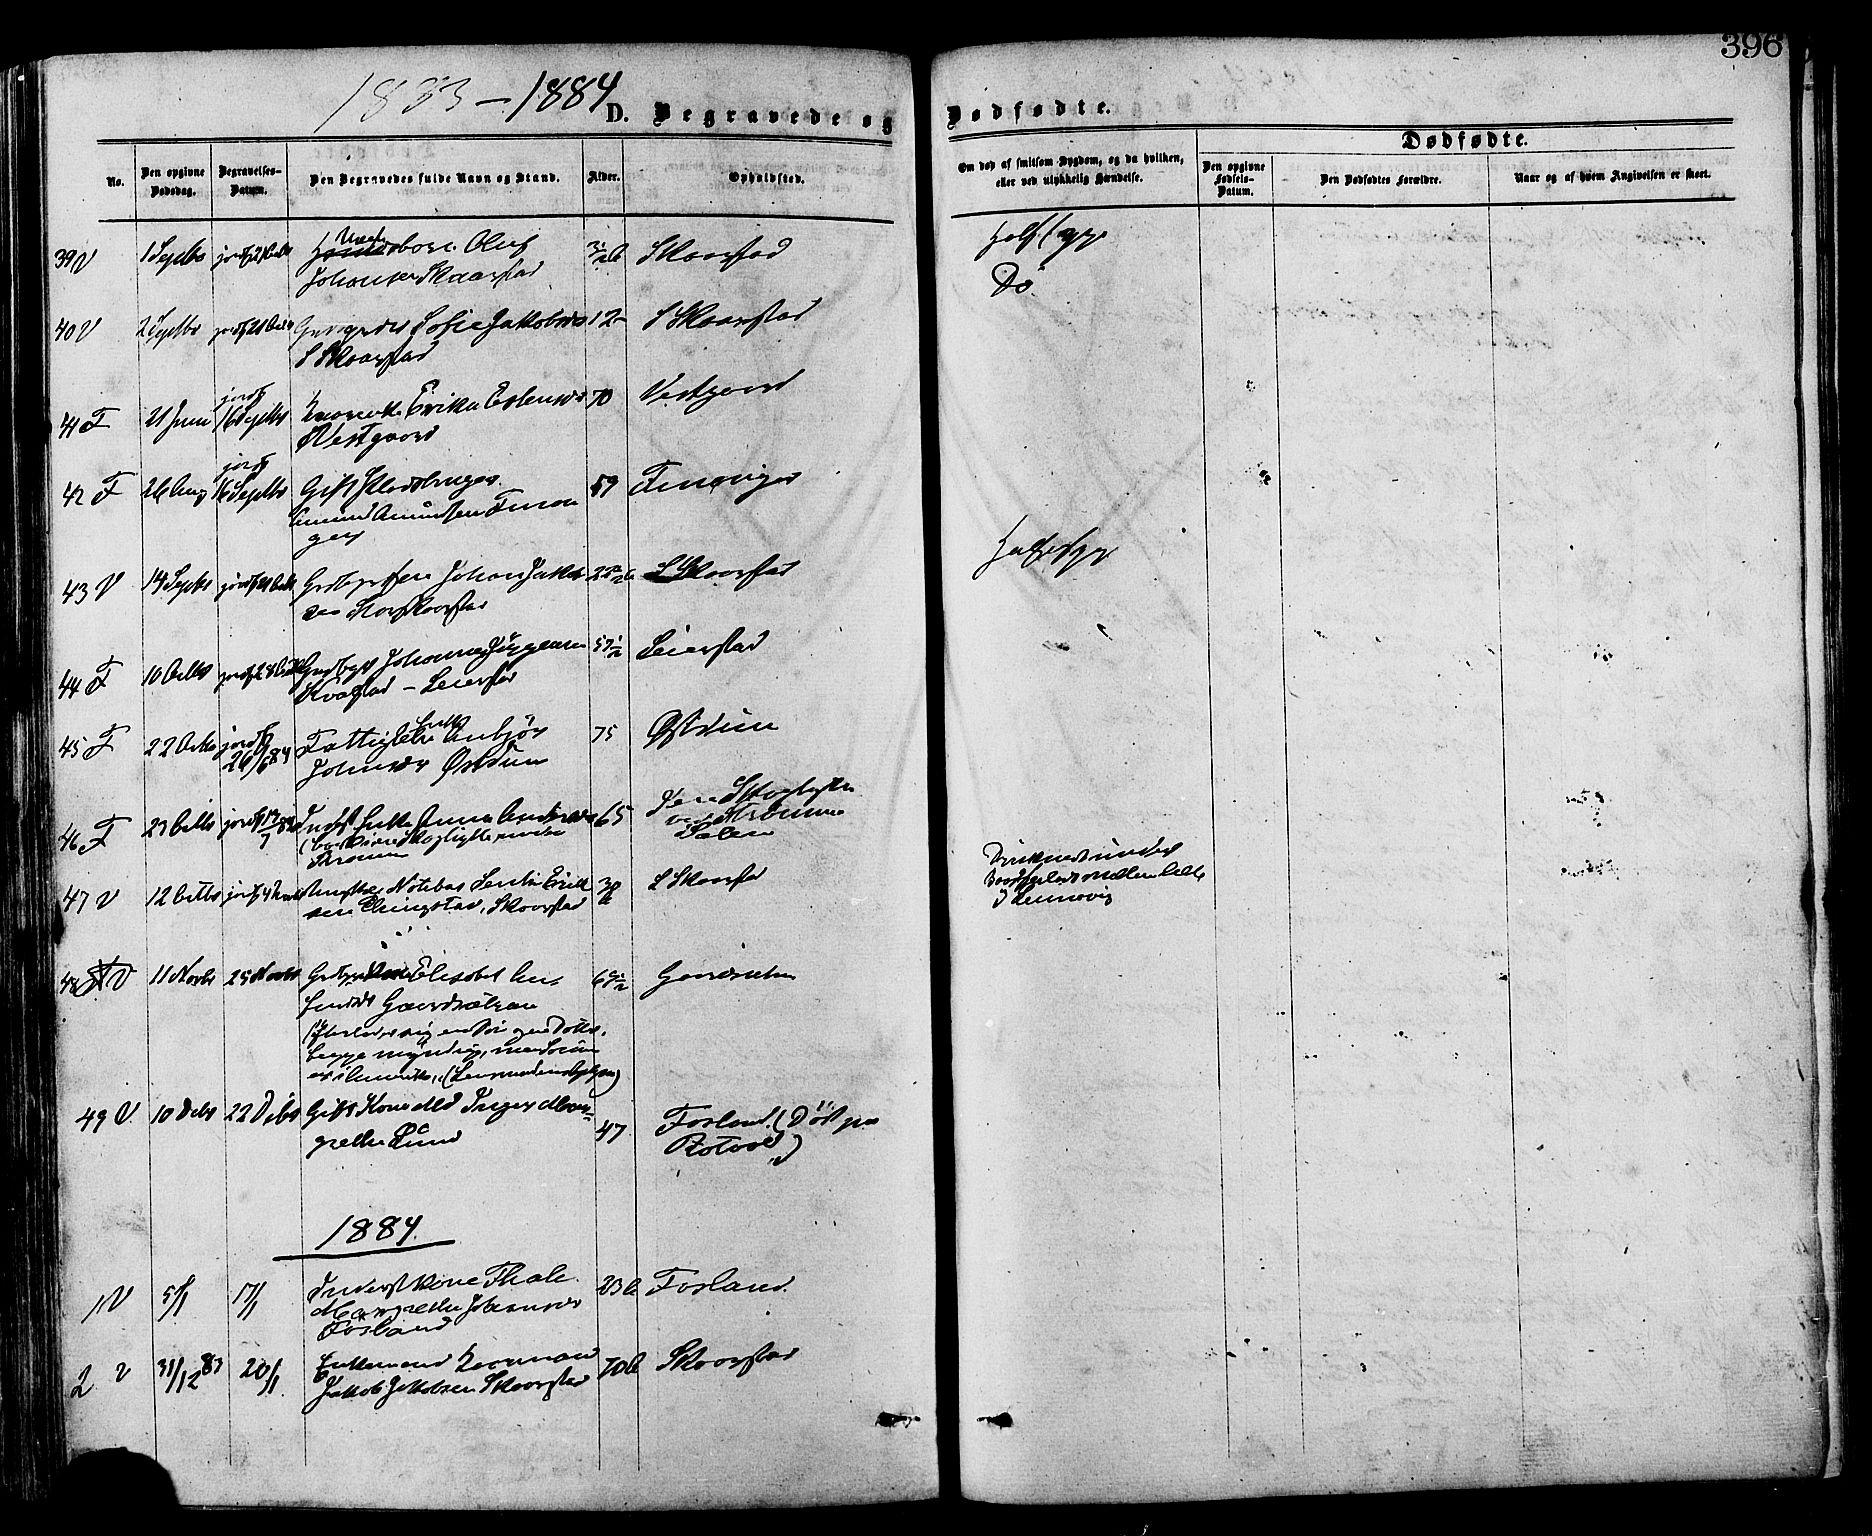 SAT, Ministerialprotokoller, klokkerbøker og fødselsregistre - Nord-Trøndelag, 773/L0616: Ministerialbok nr. 773A07, 1870-1887, s. 396